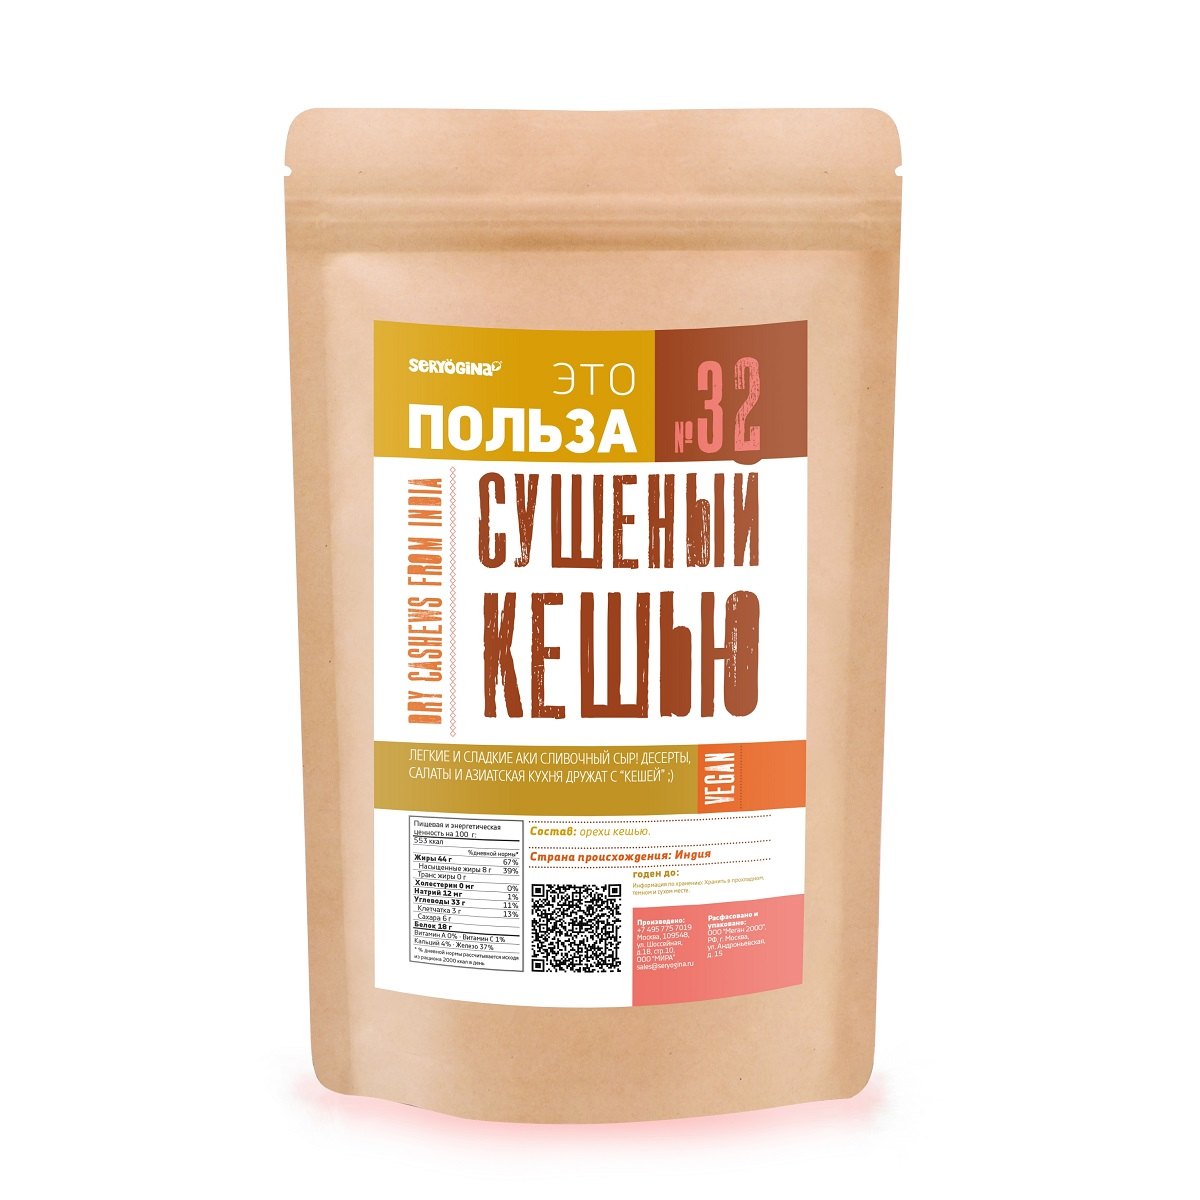 Seryogina Кешью нежареный сушеный, 900 г0120710Кешью используется в диетическом питании, а еще укрепляет сердечную мышцу (благодаря высокому содержанию калия). Для приготовления кремов и начинок для сыроедческих десертов. И просто как здоровый фаст-фуд и снеки.